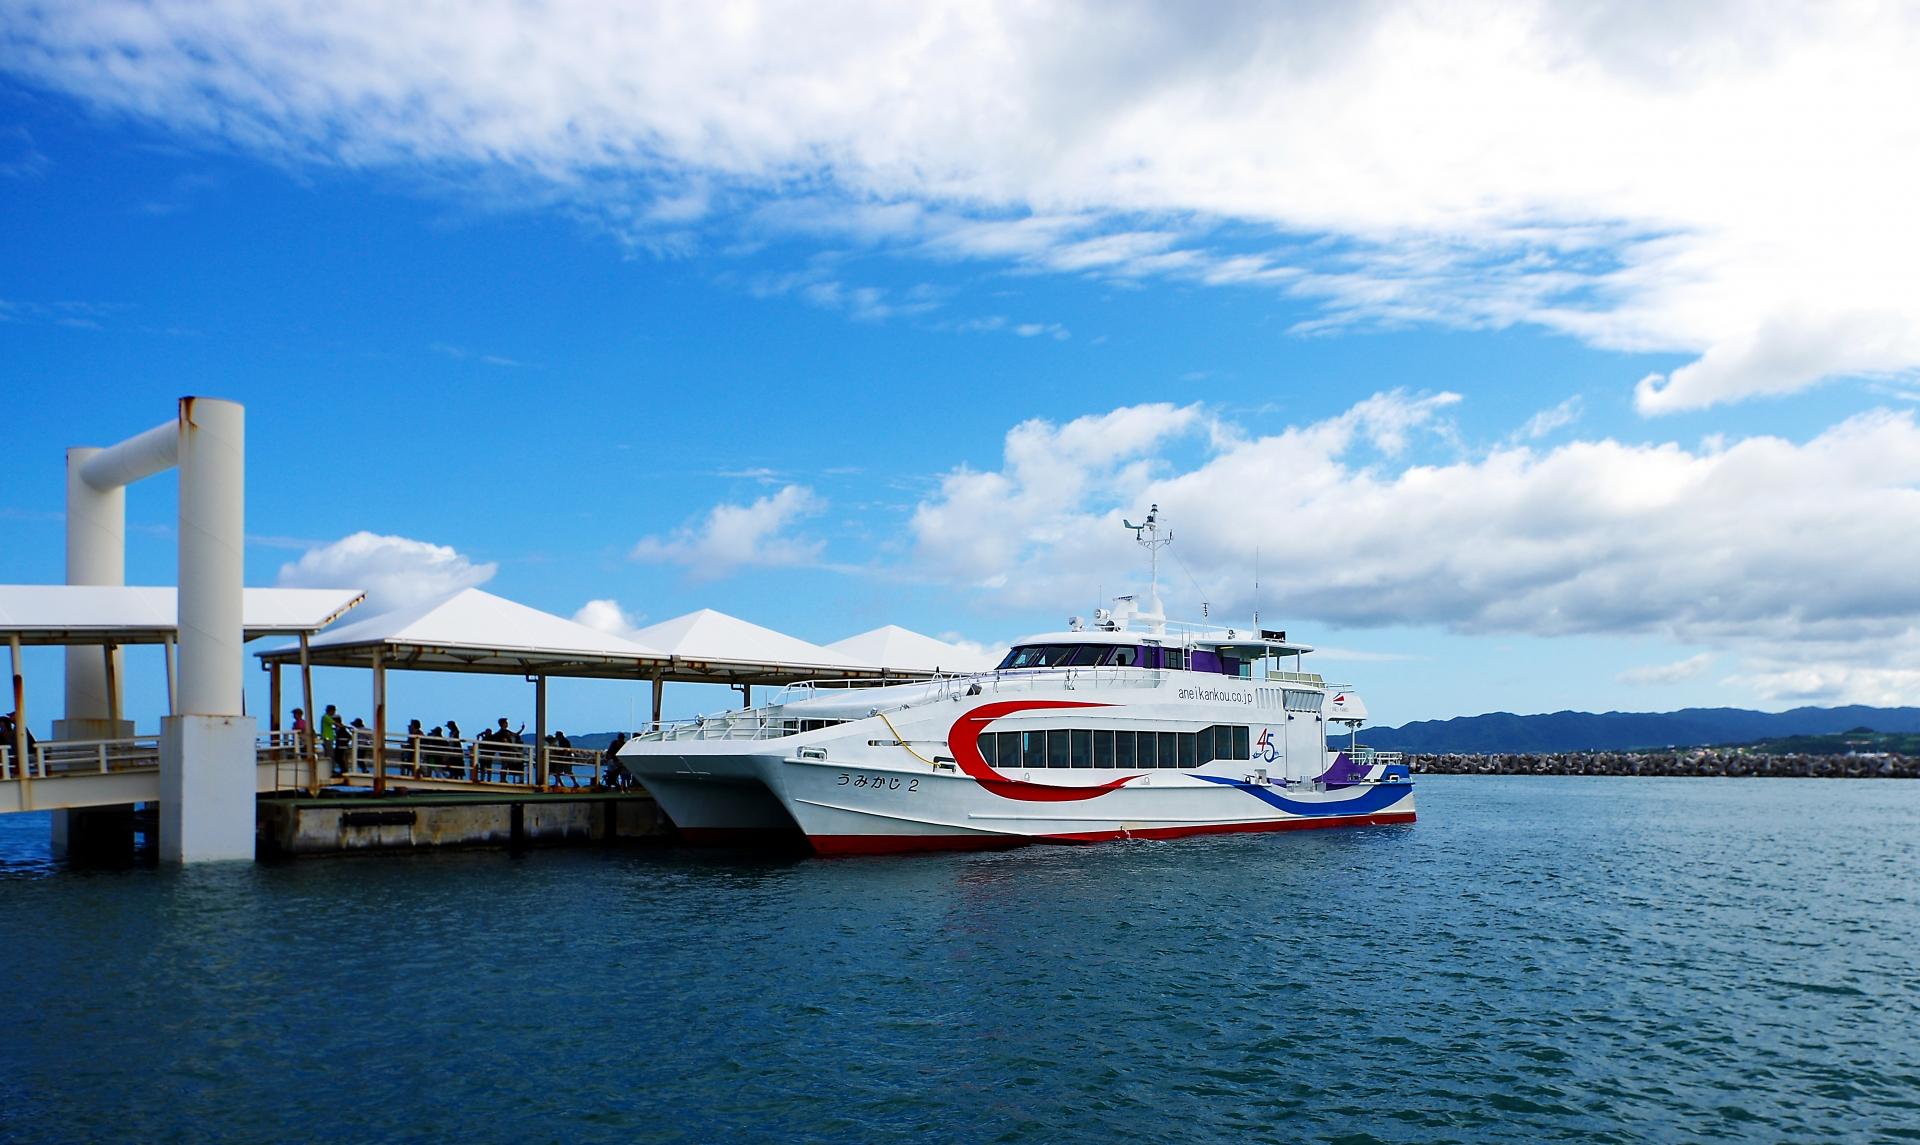 石垣島周辺はフェリー観光が必須!乗り放題のフリーパスがおすすめ!